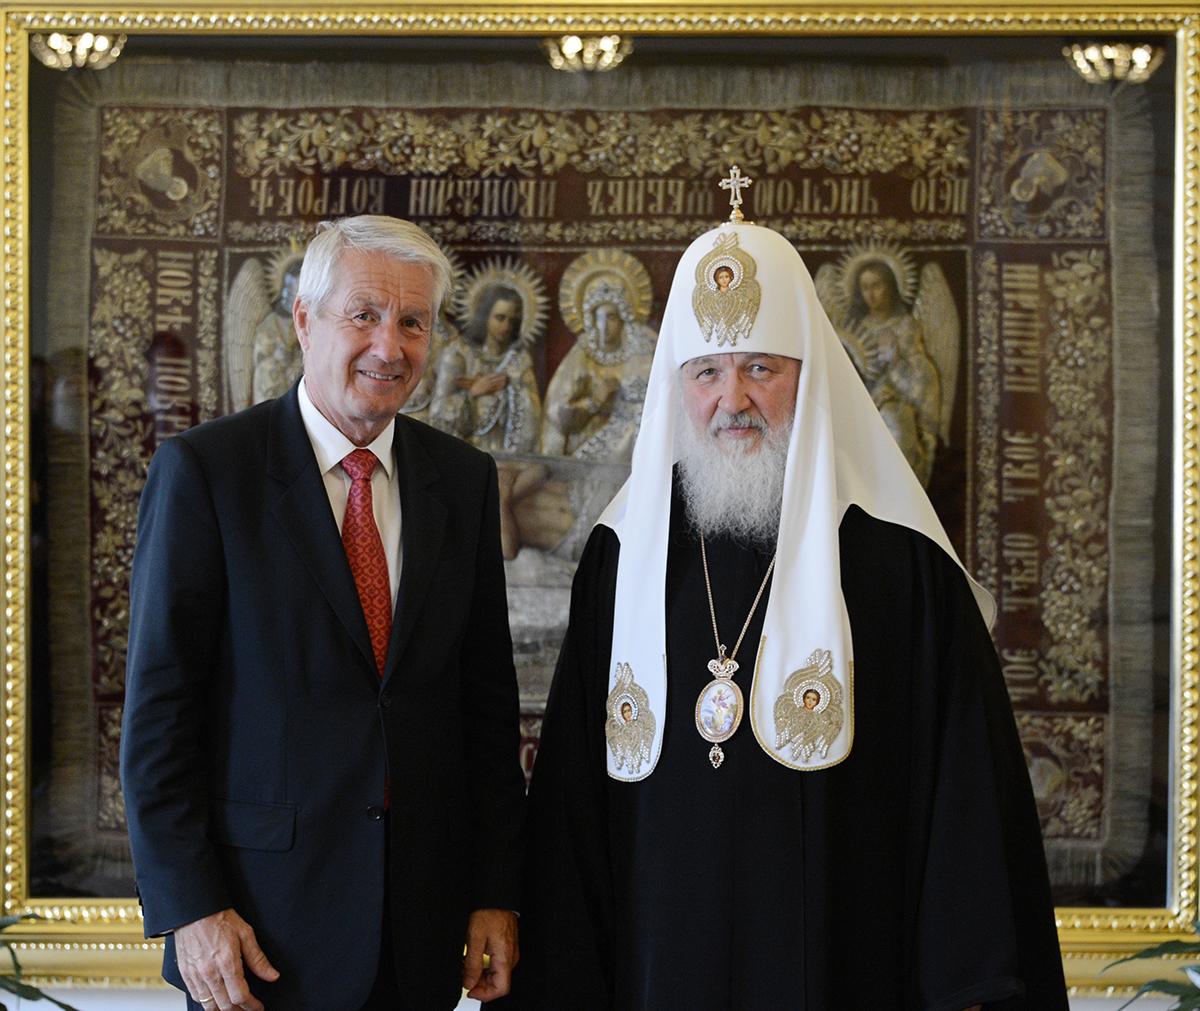 Закон о легализации однополых браков в России